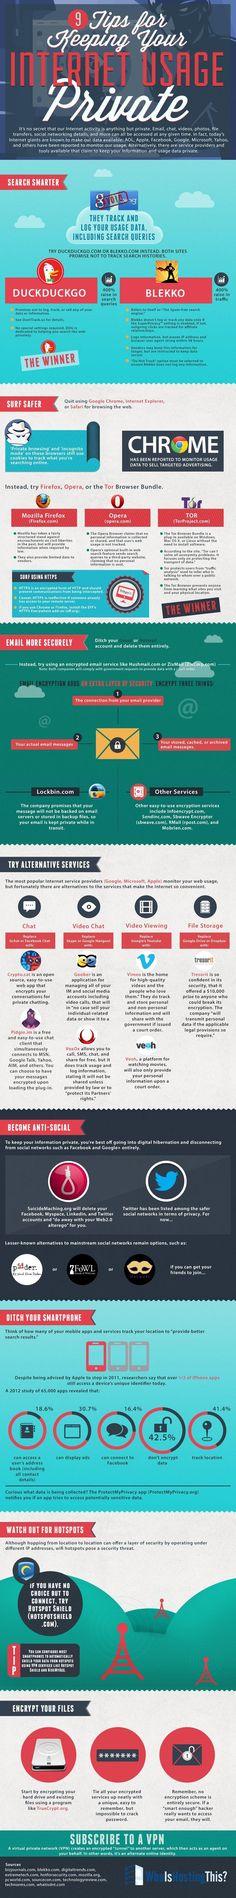 Consejos para la privacidad en Internet #infografia #infographic